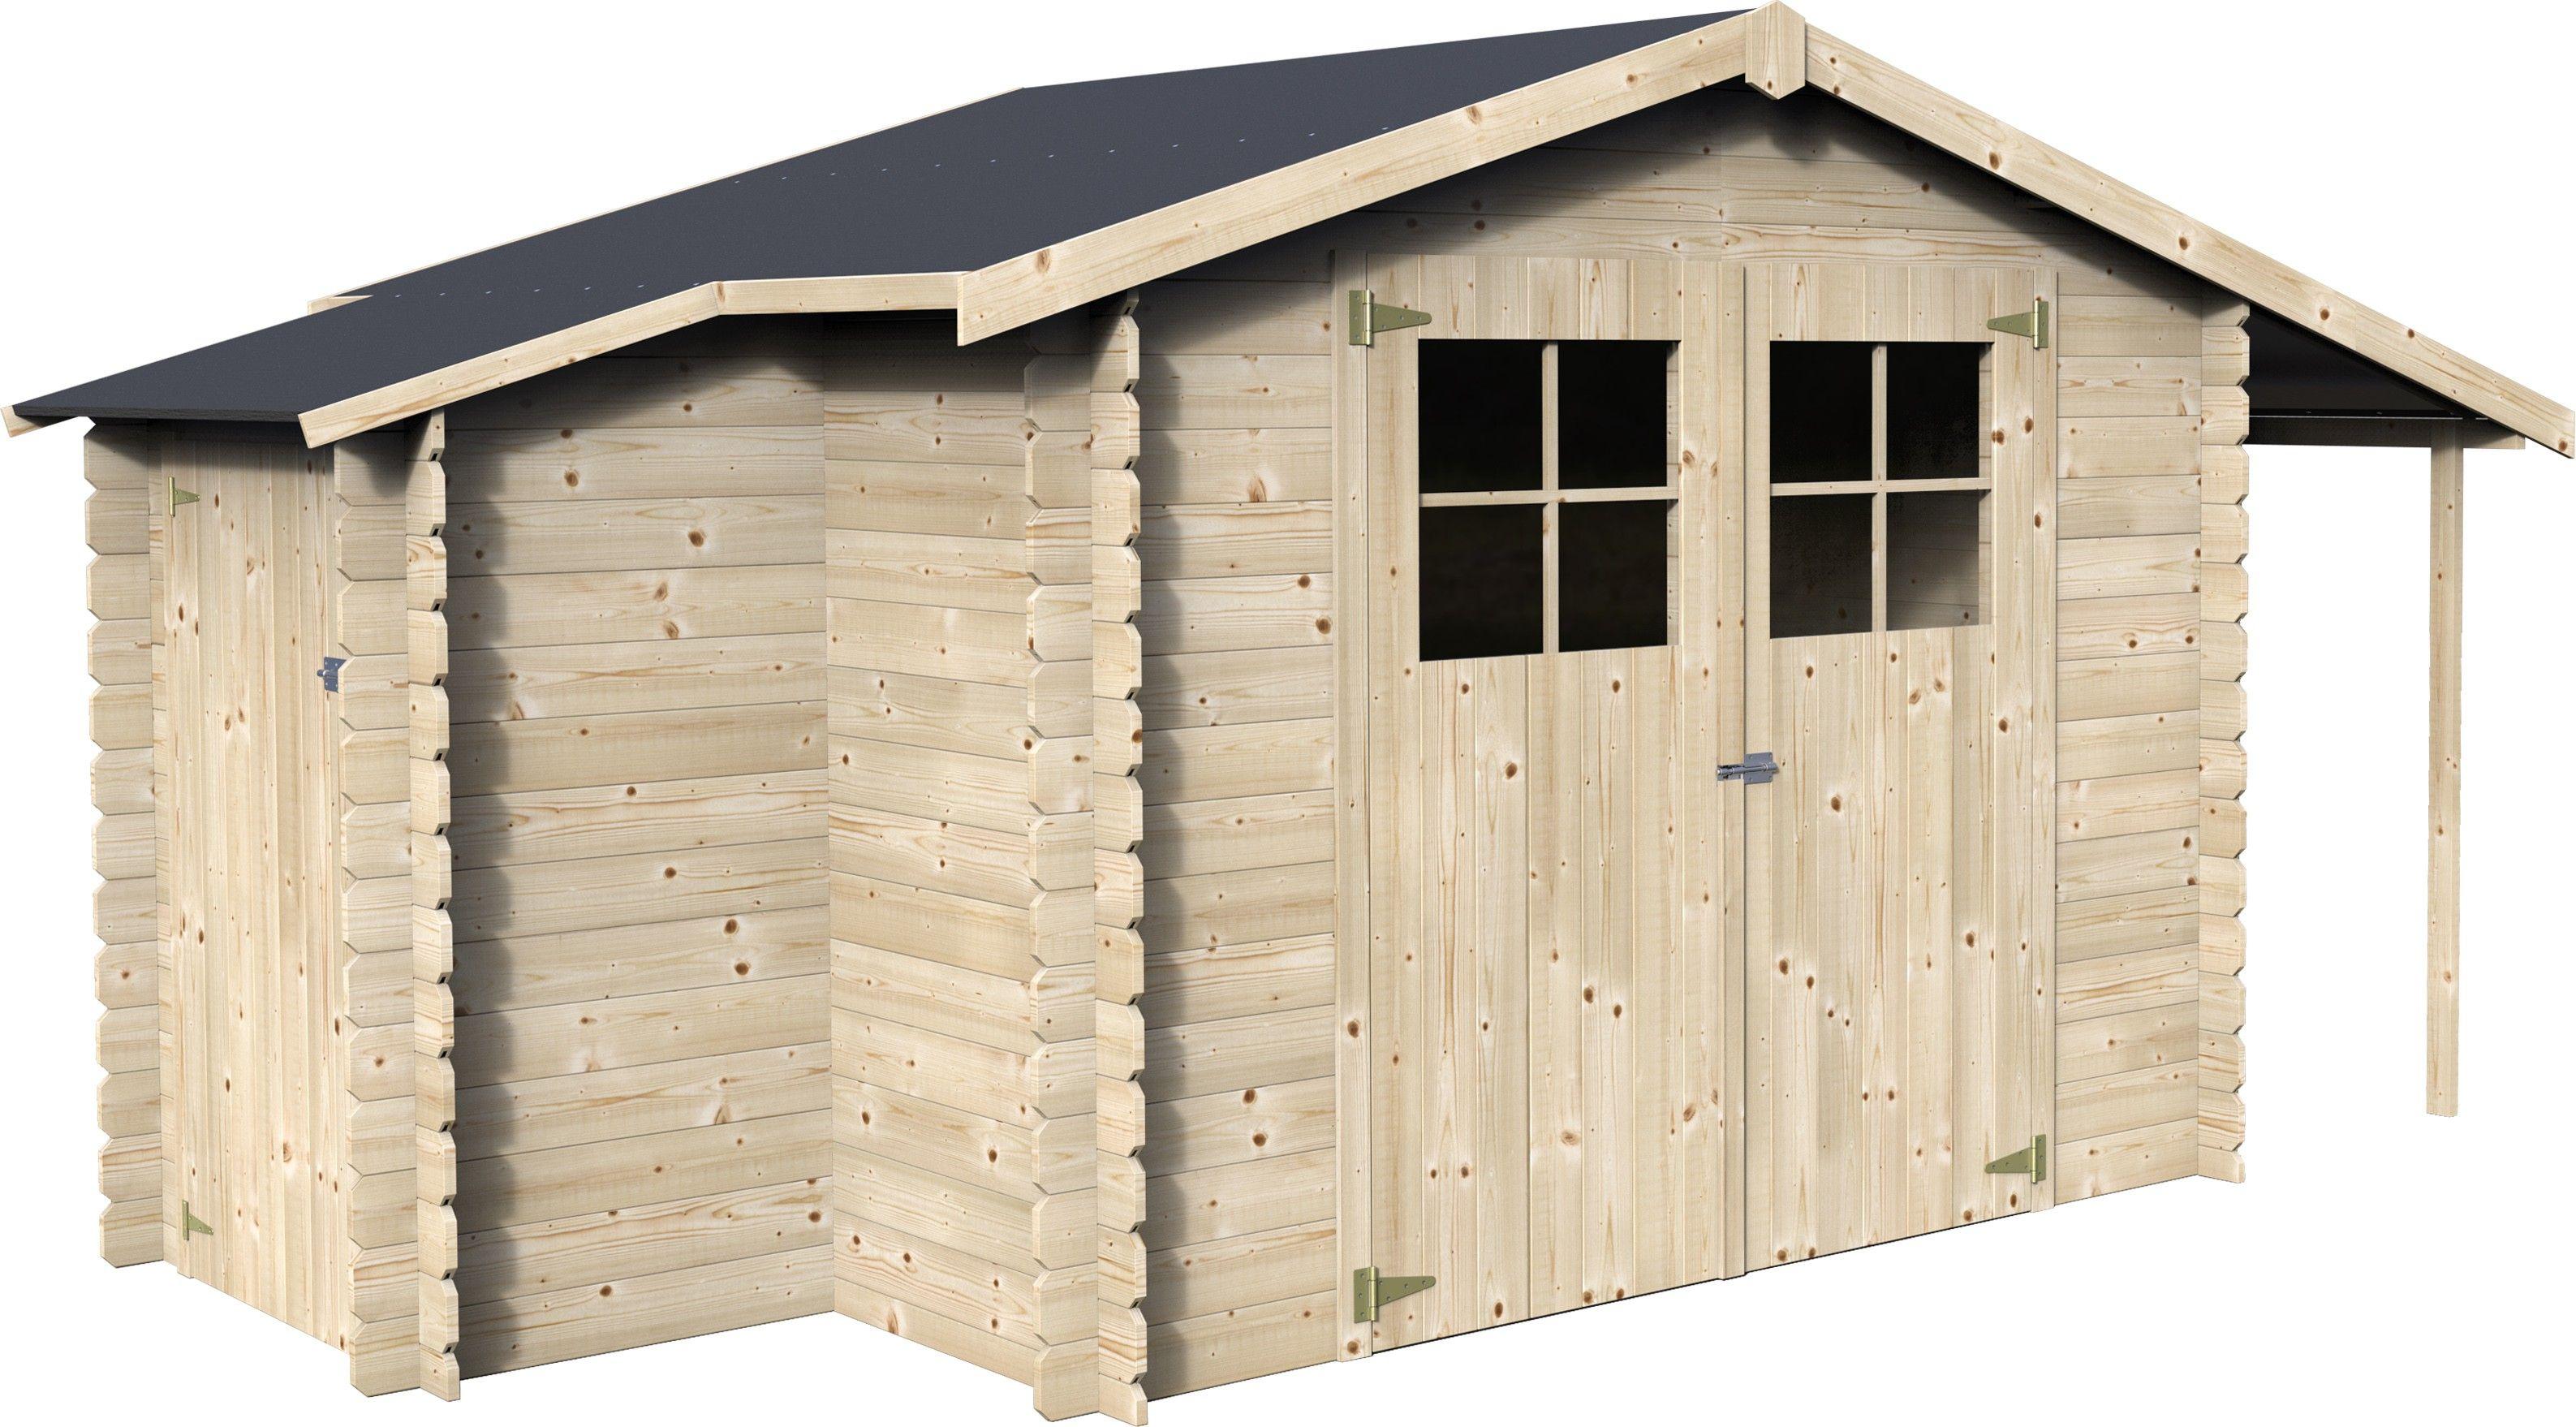 Casette legno giardino brico idee per la casa - Casette legno giardino brico ...